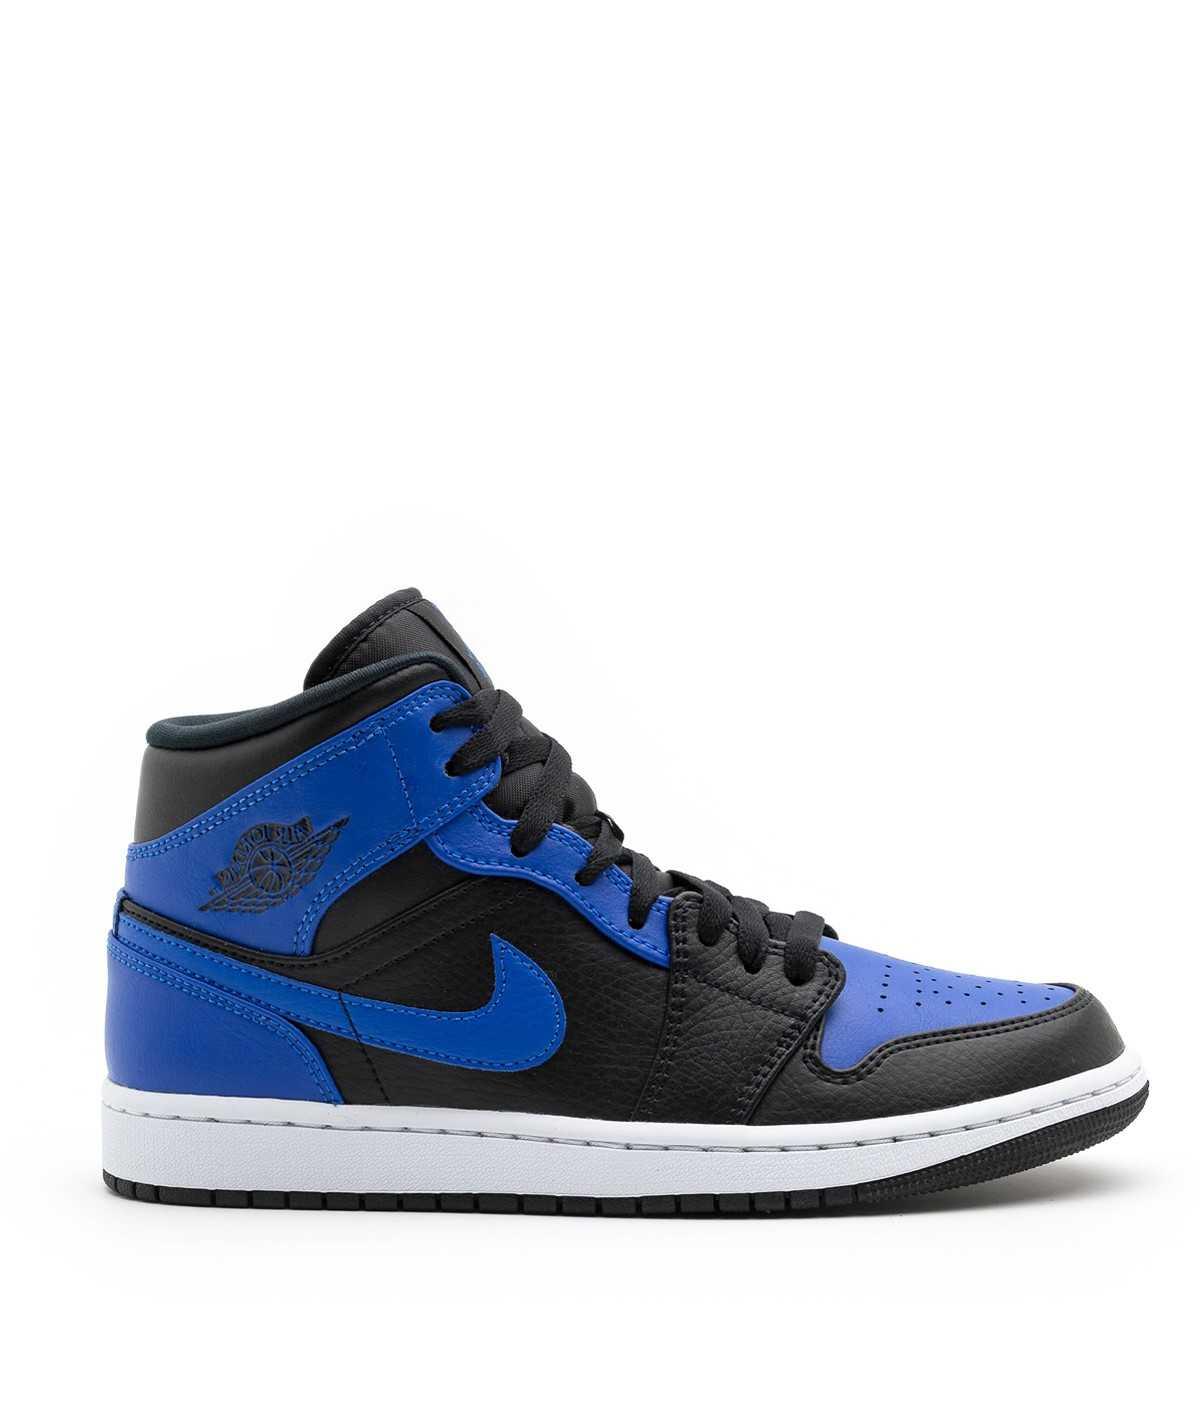 AIR JORDAN 1 MID Sneakers